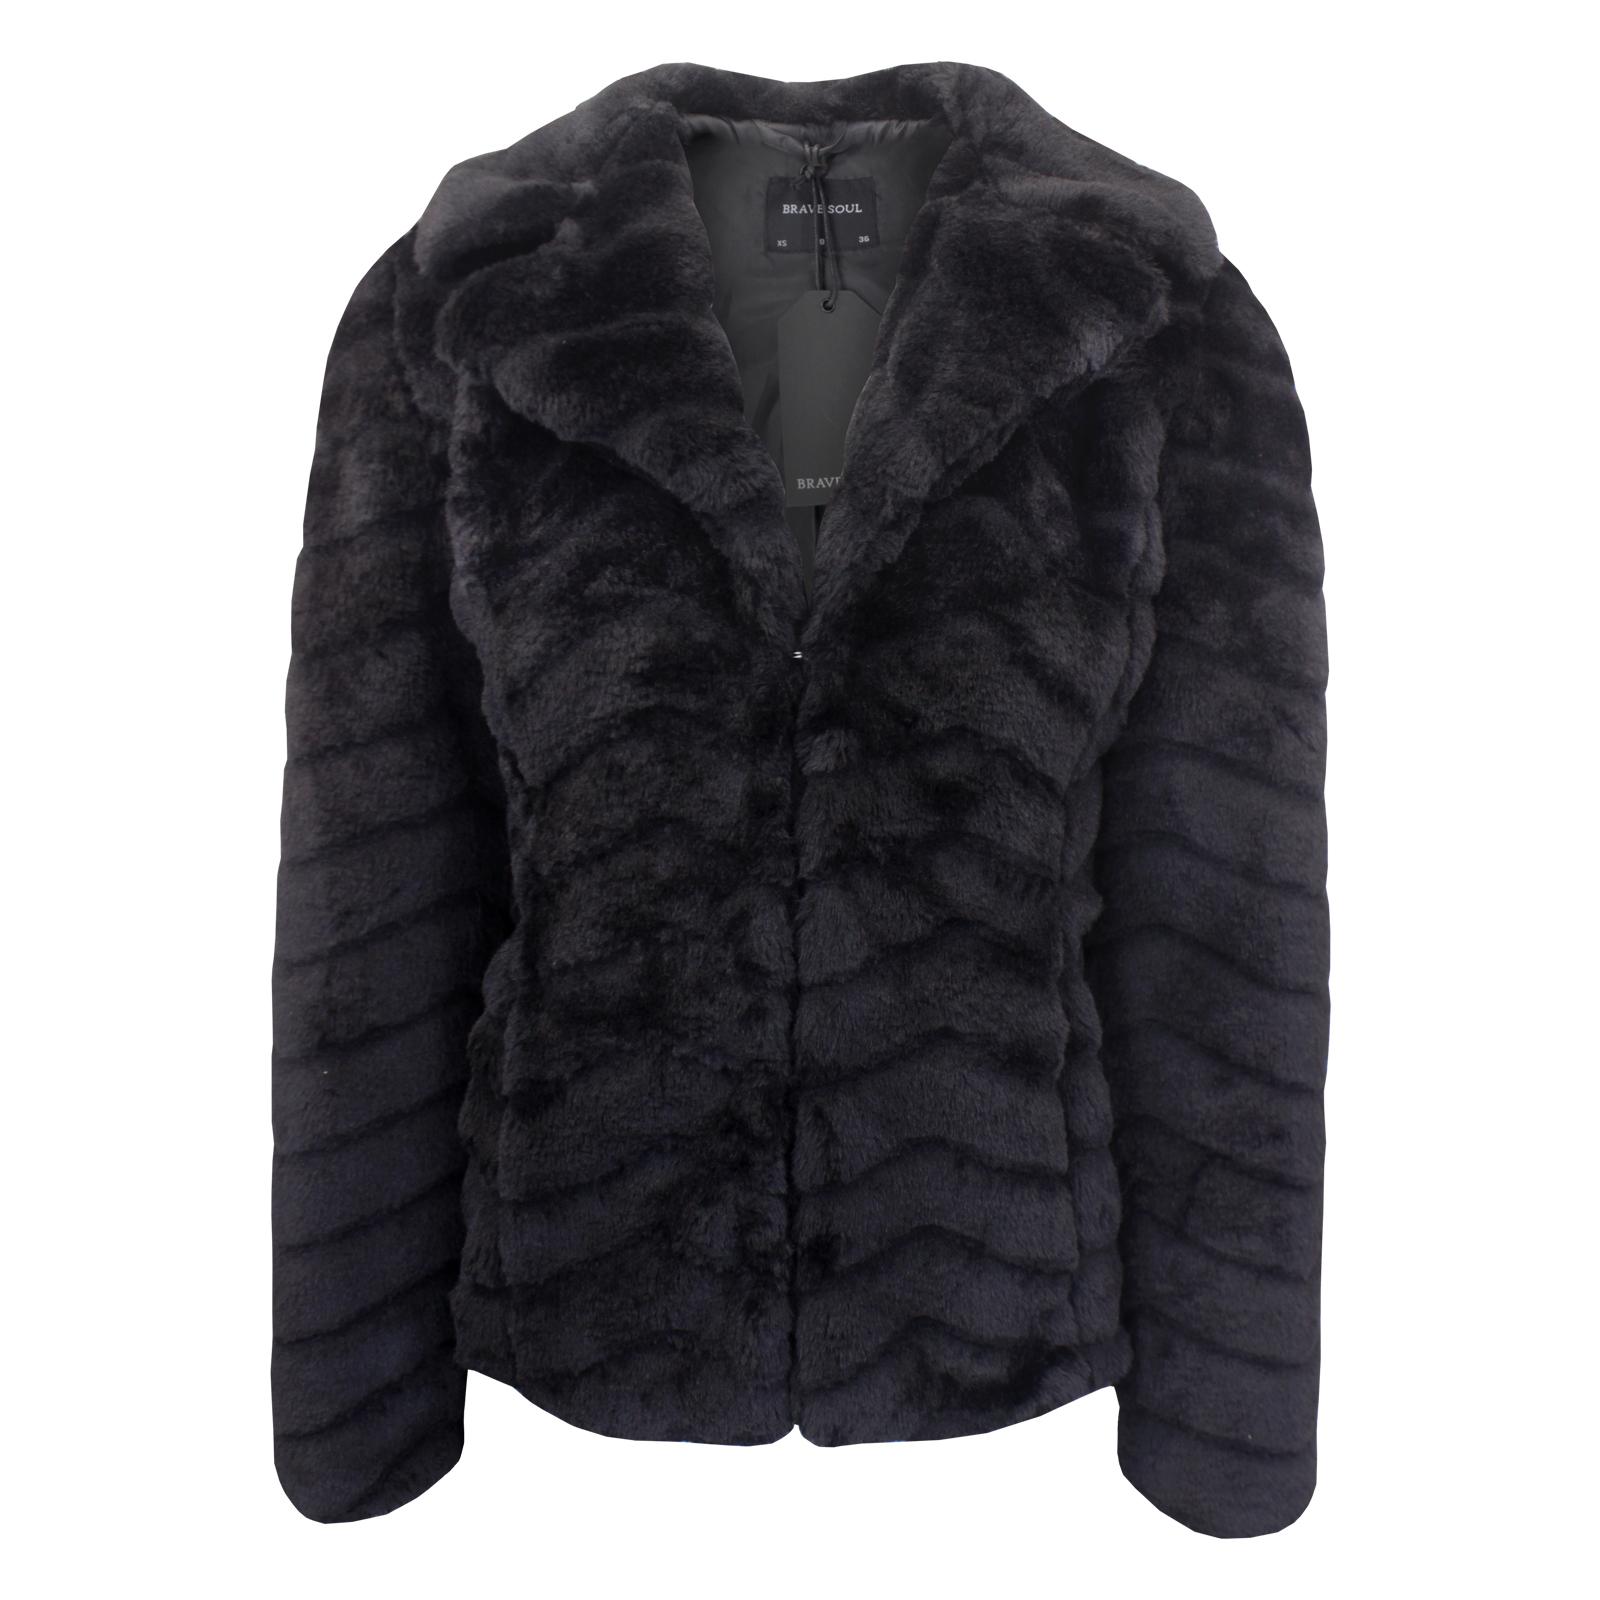 a49357dc1 Details about Women's Brave Soul Short Hem Luxury Soft Touch Faux Fur Jacket  NEW UK 8-16